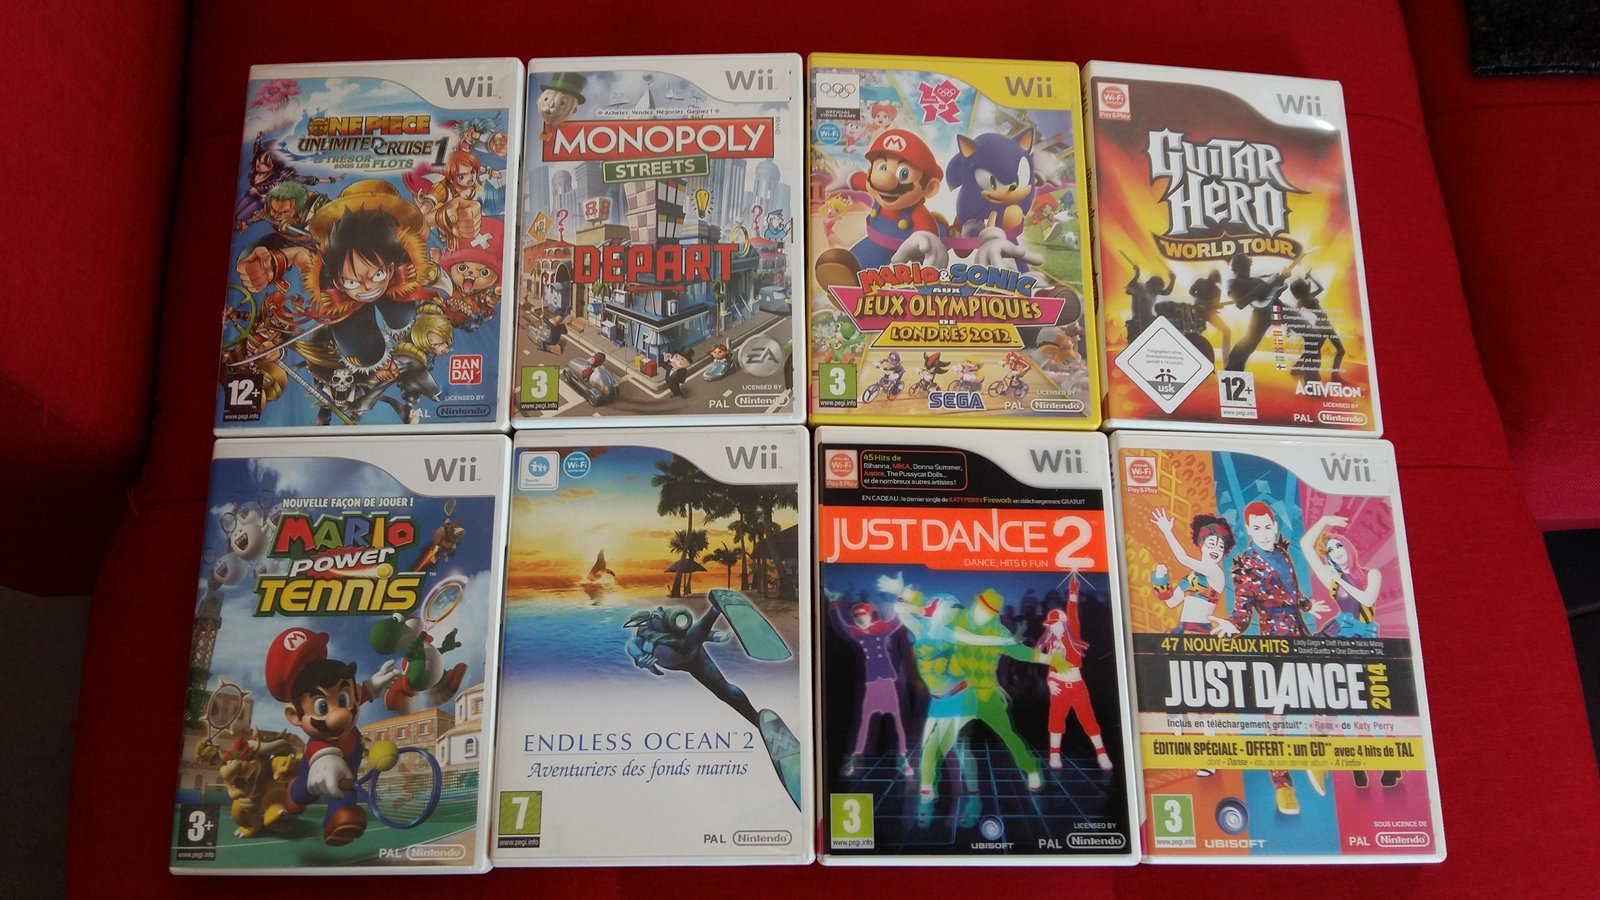 [VDS] Lot Jeux WiiU + Jeux Gamecube et Wii - Page 2 190624093126699138